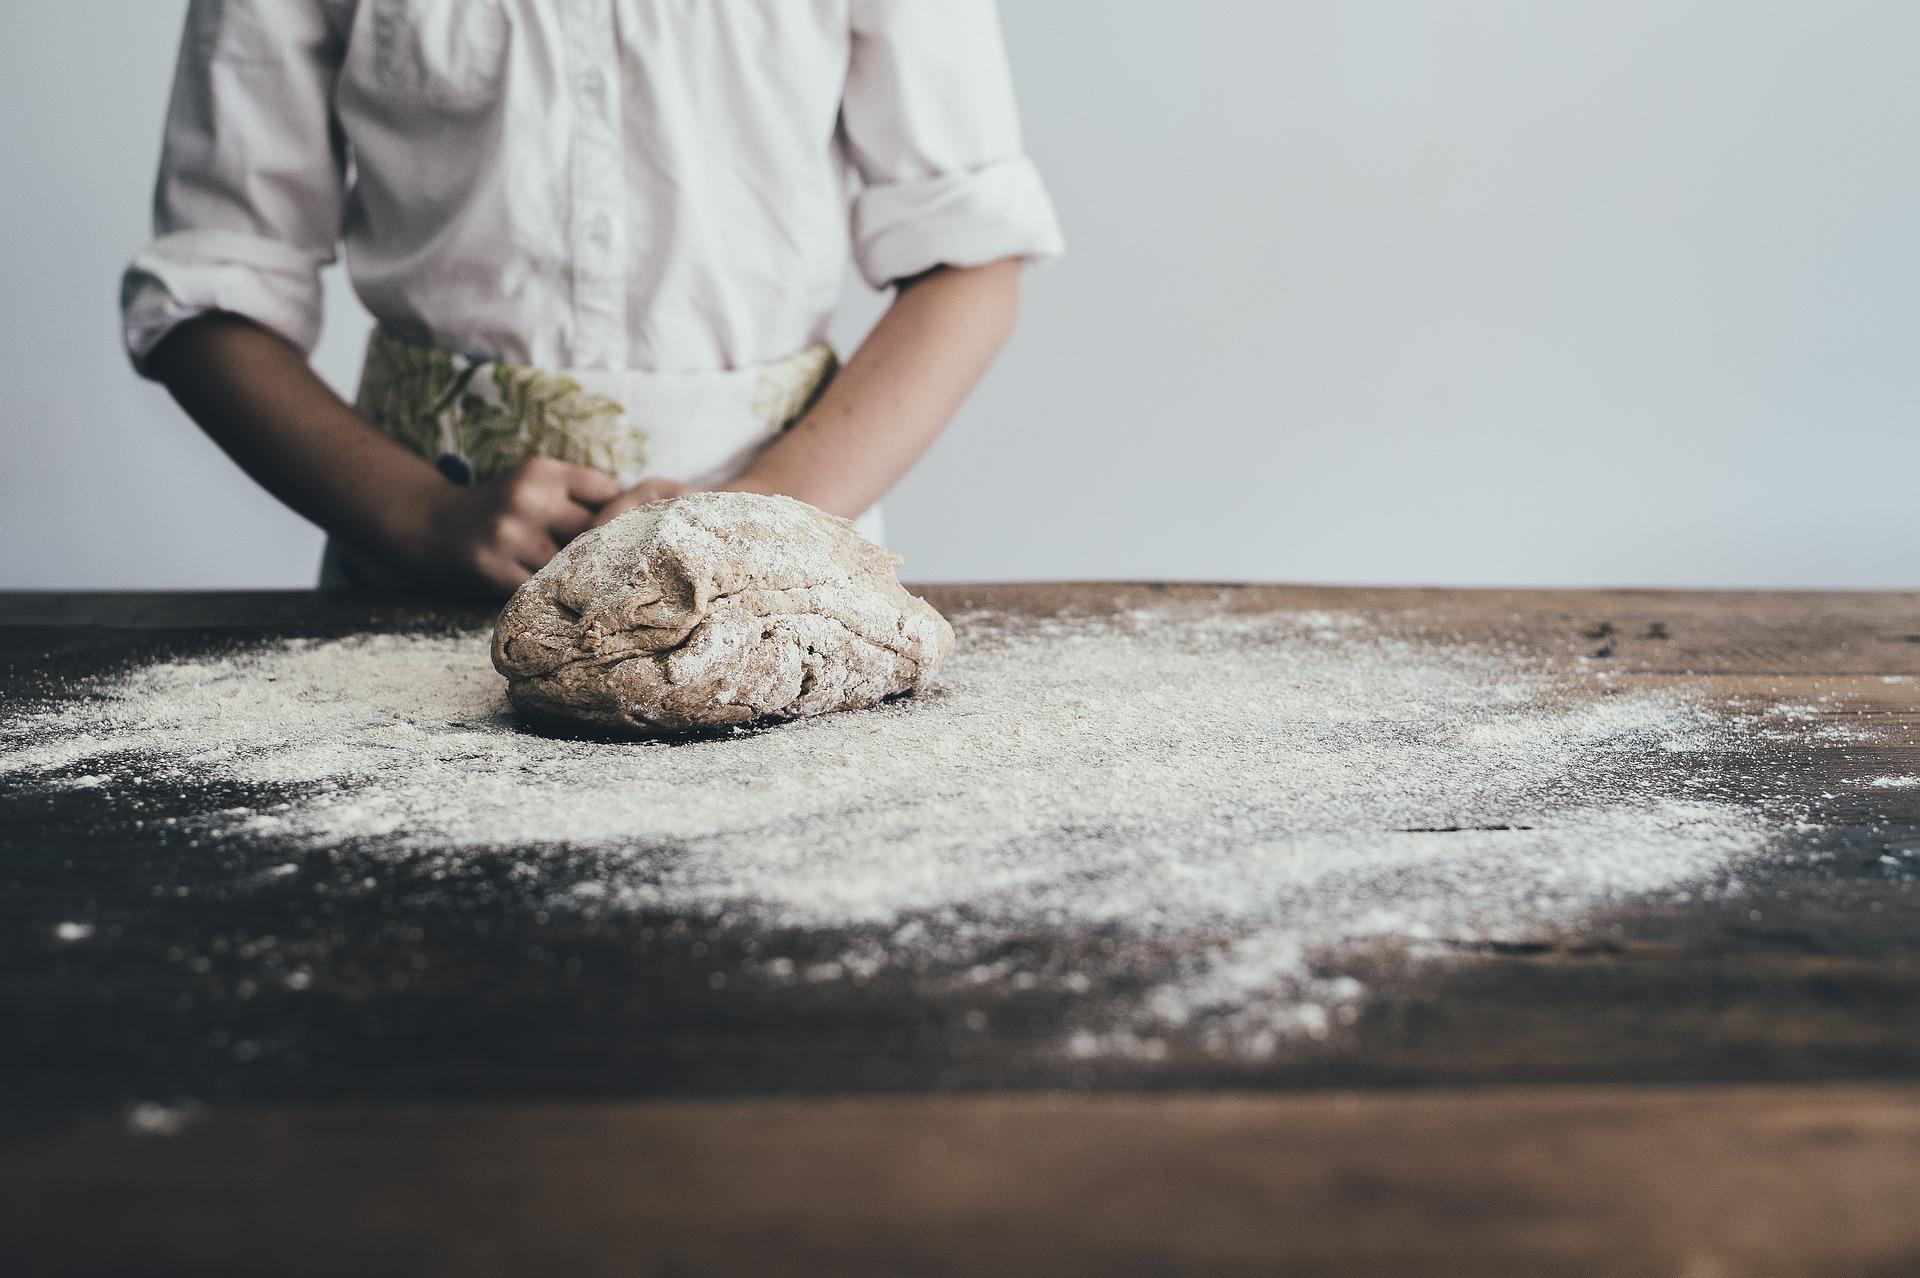 bakery-1868396_1920.jpg